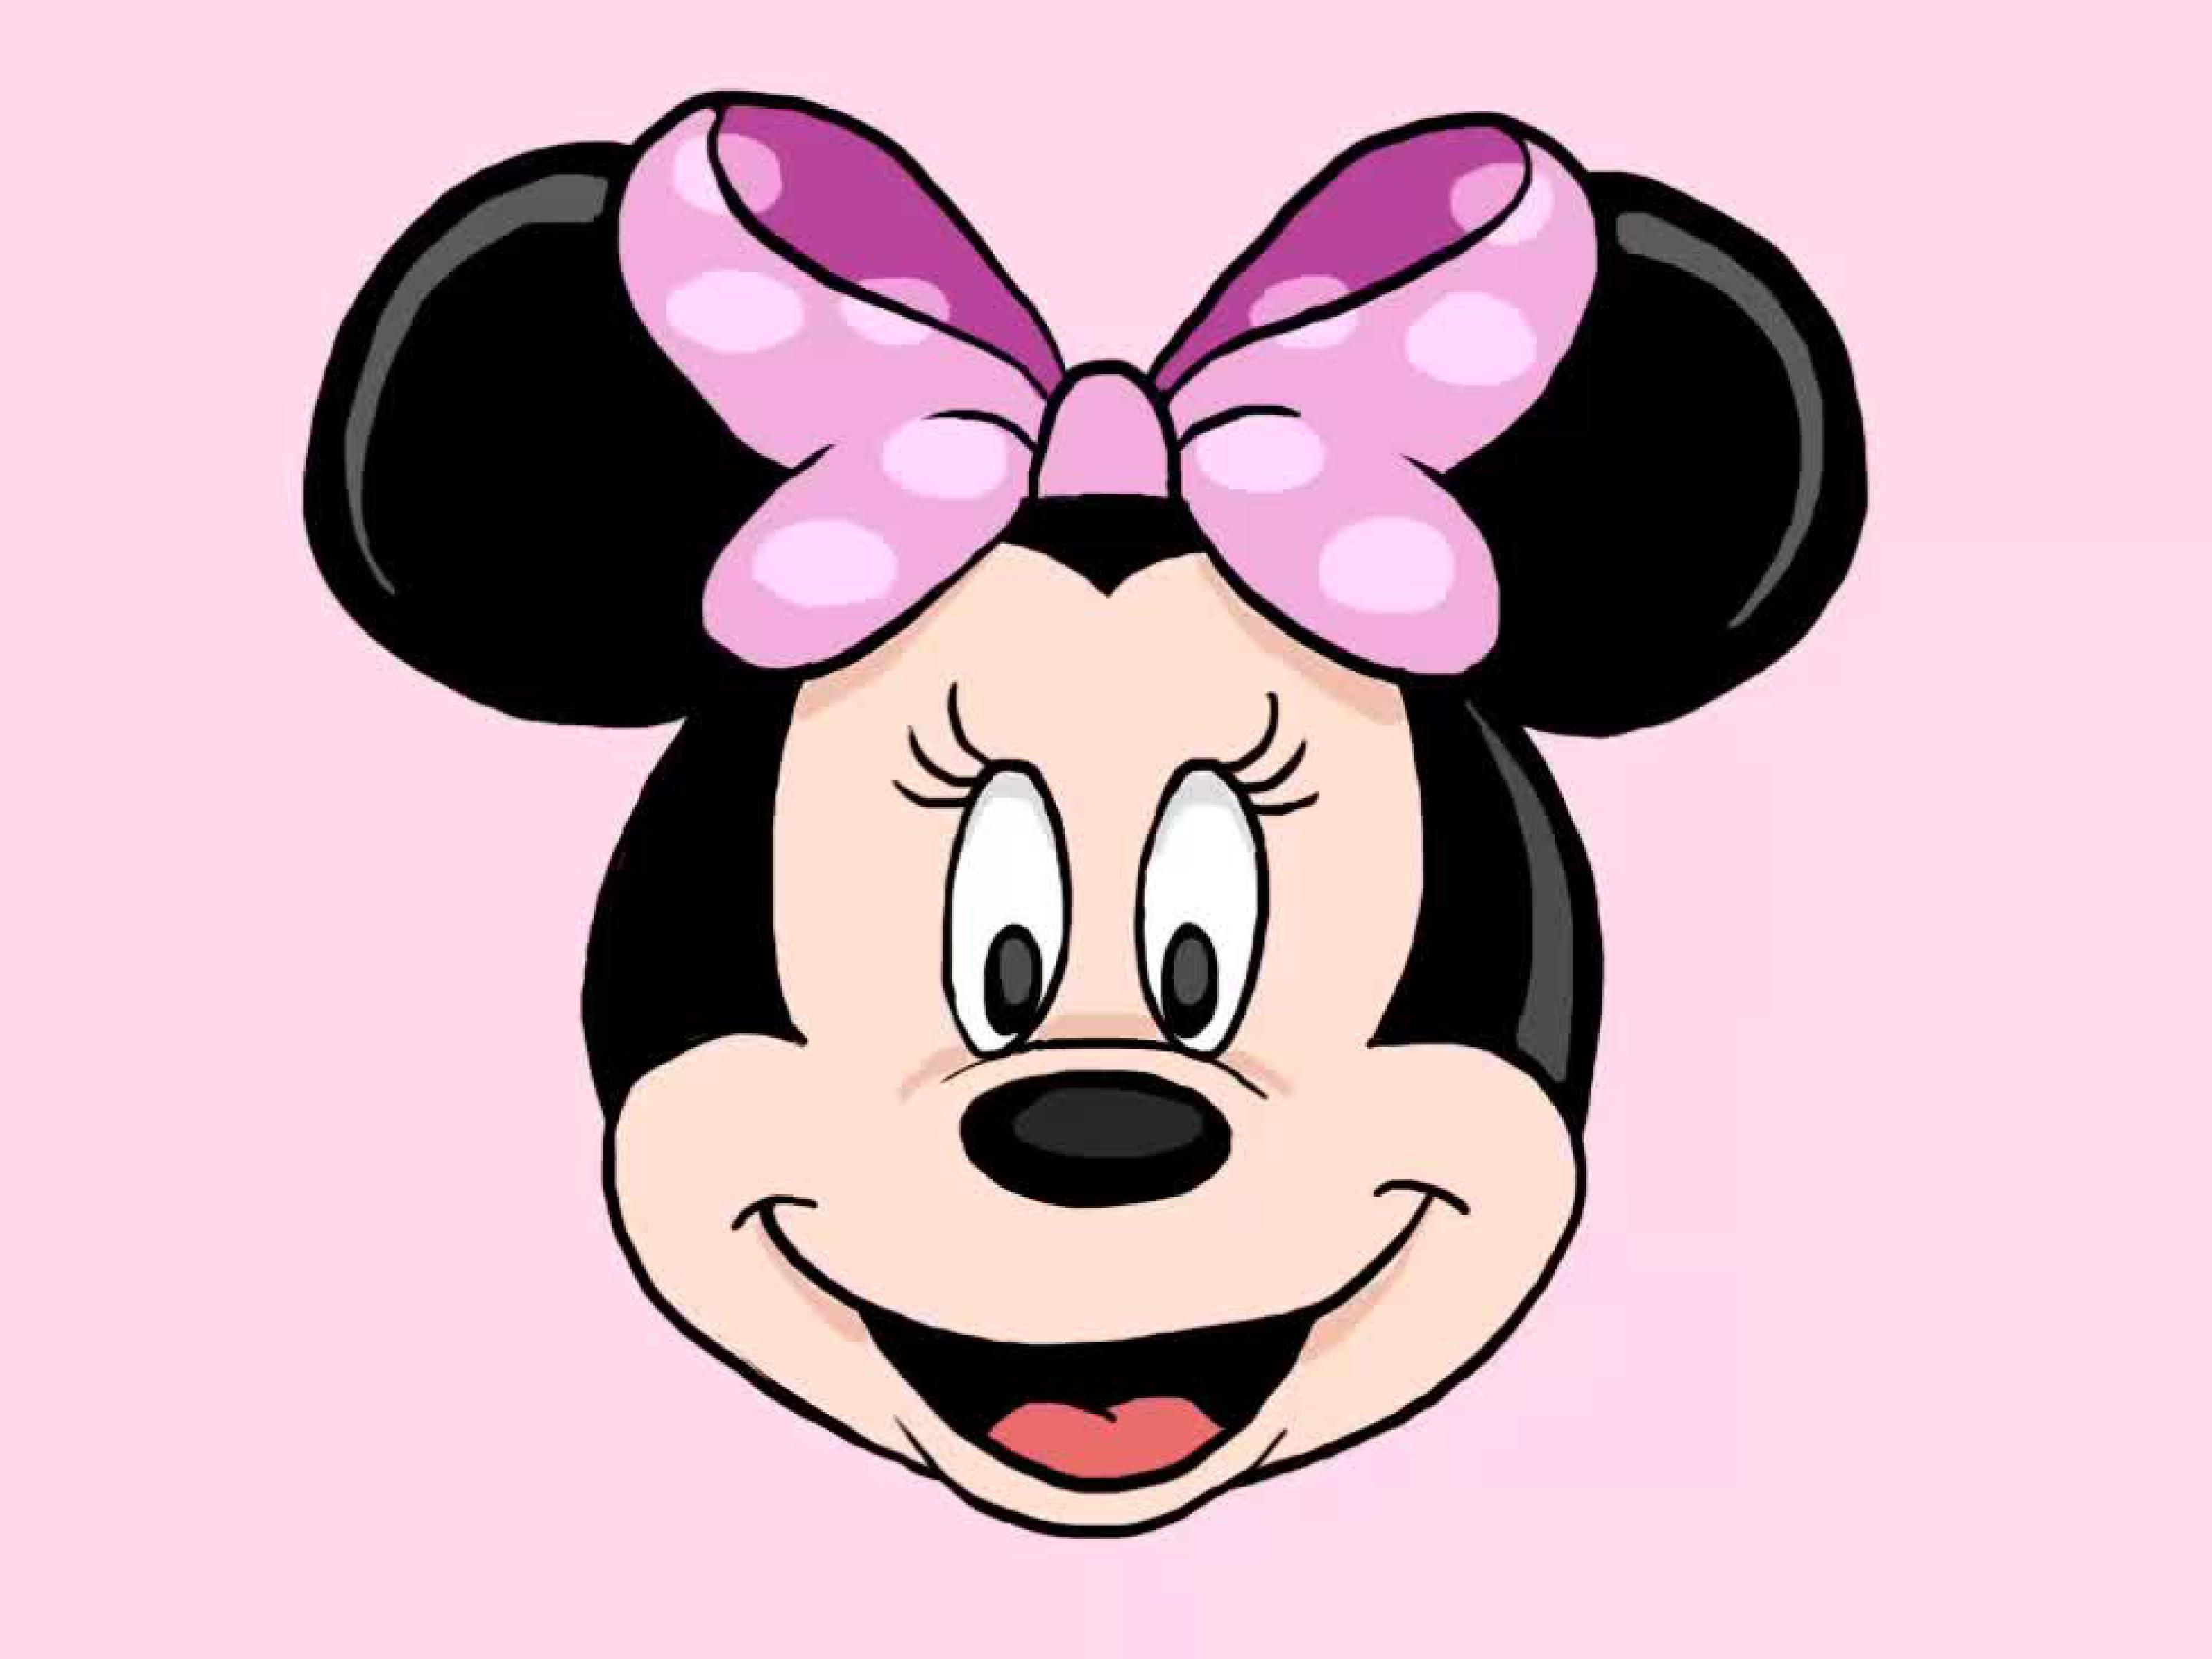 Mickey Minnie Drawing